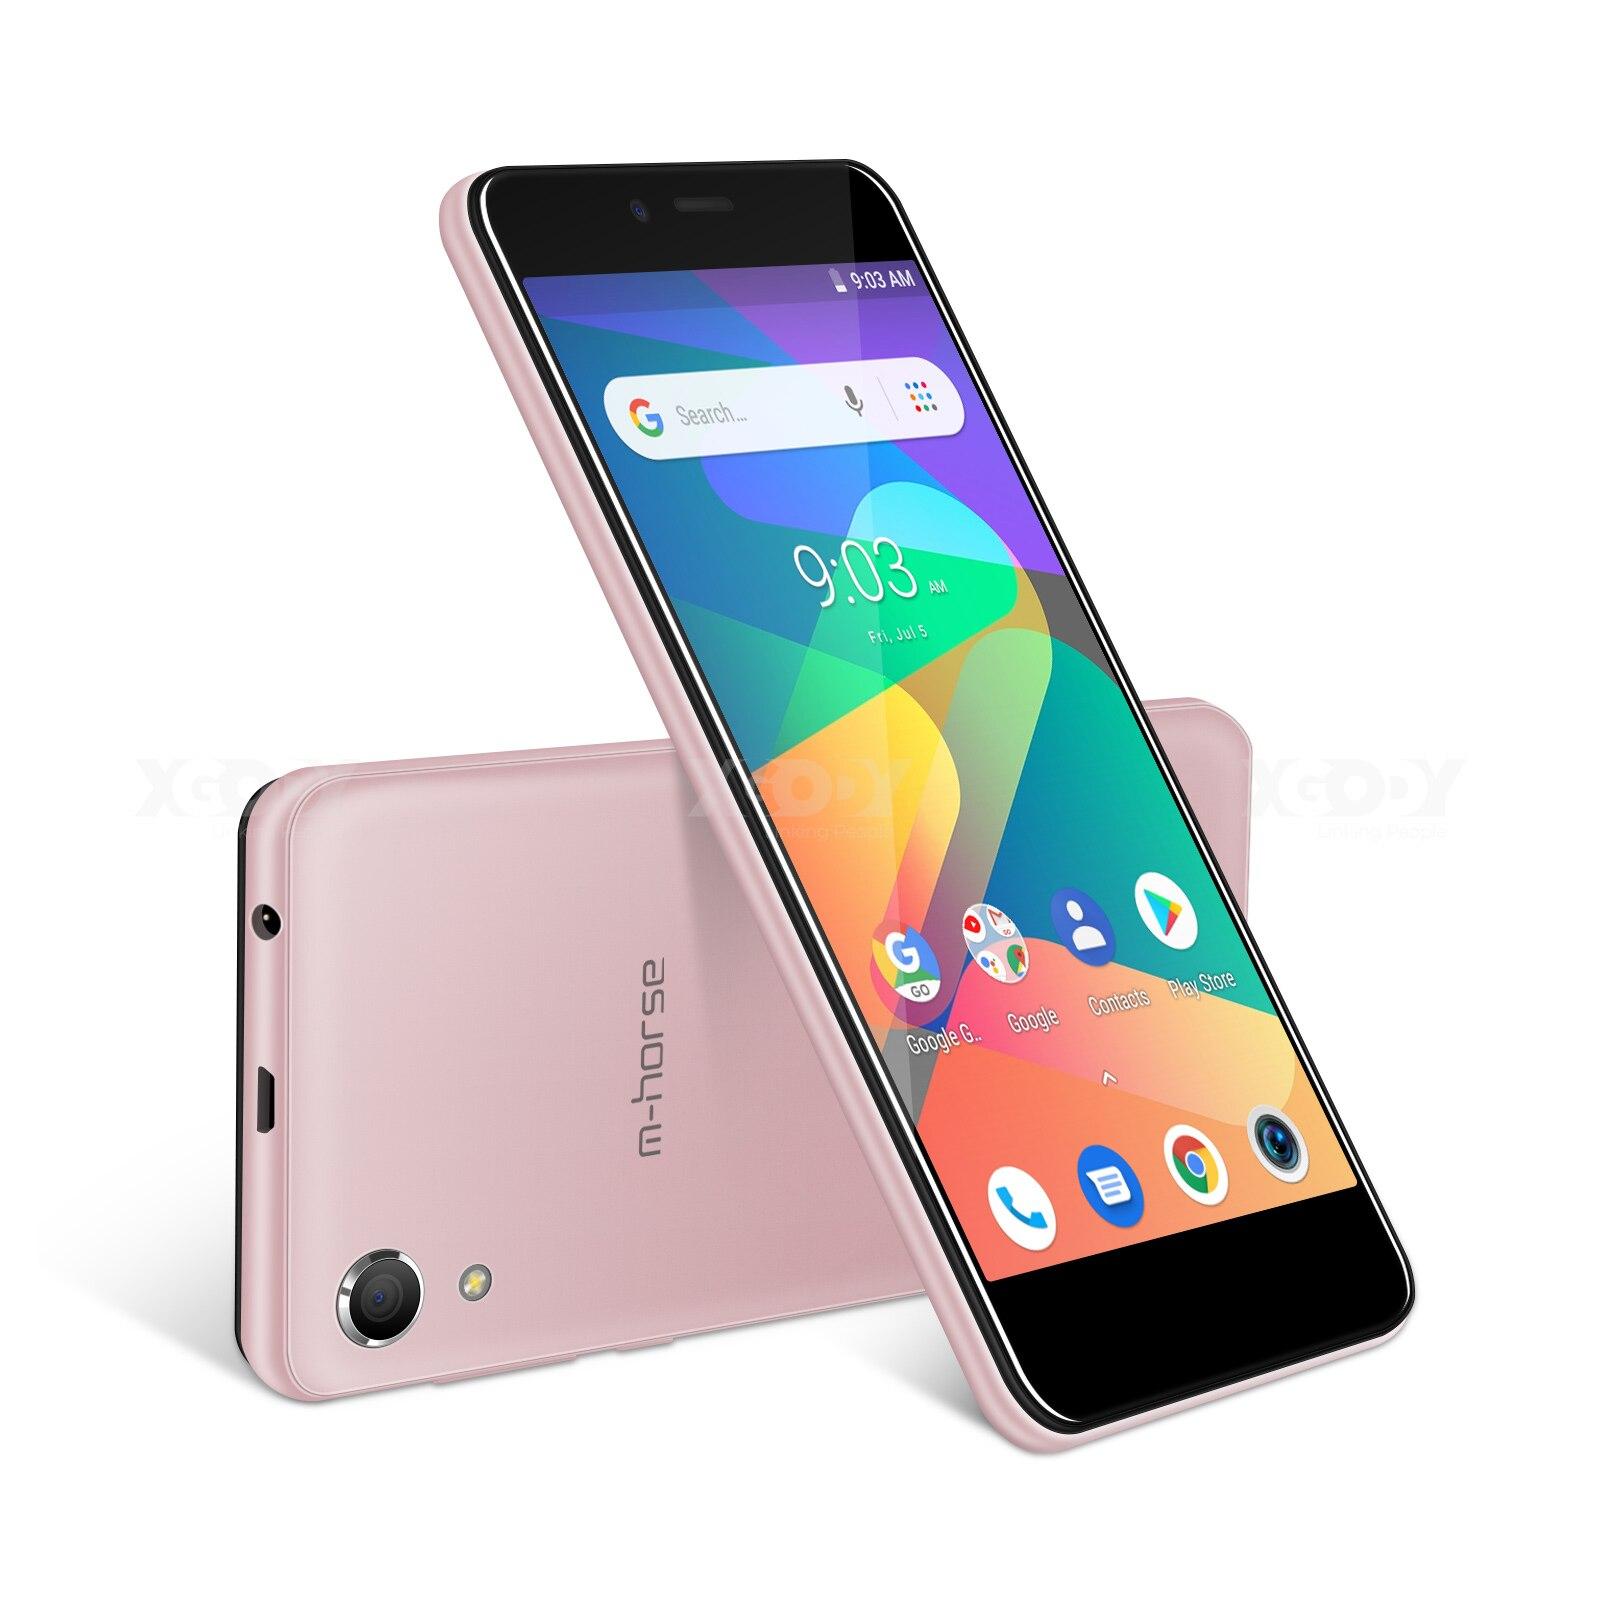 M-HORSE téléphone portable MTK6580 Quad Core Android 8.1 1GB RAM 8GB ROM 3G WCDMA 8.0MP 2000mAh double SIM Smartphone 5 pouces celulaire - 5